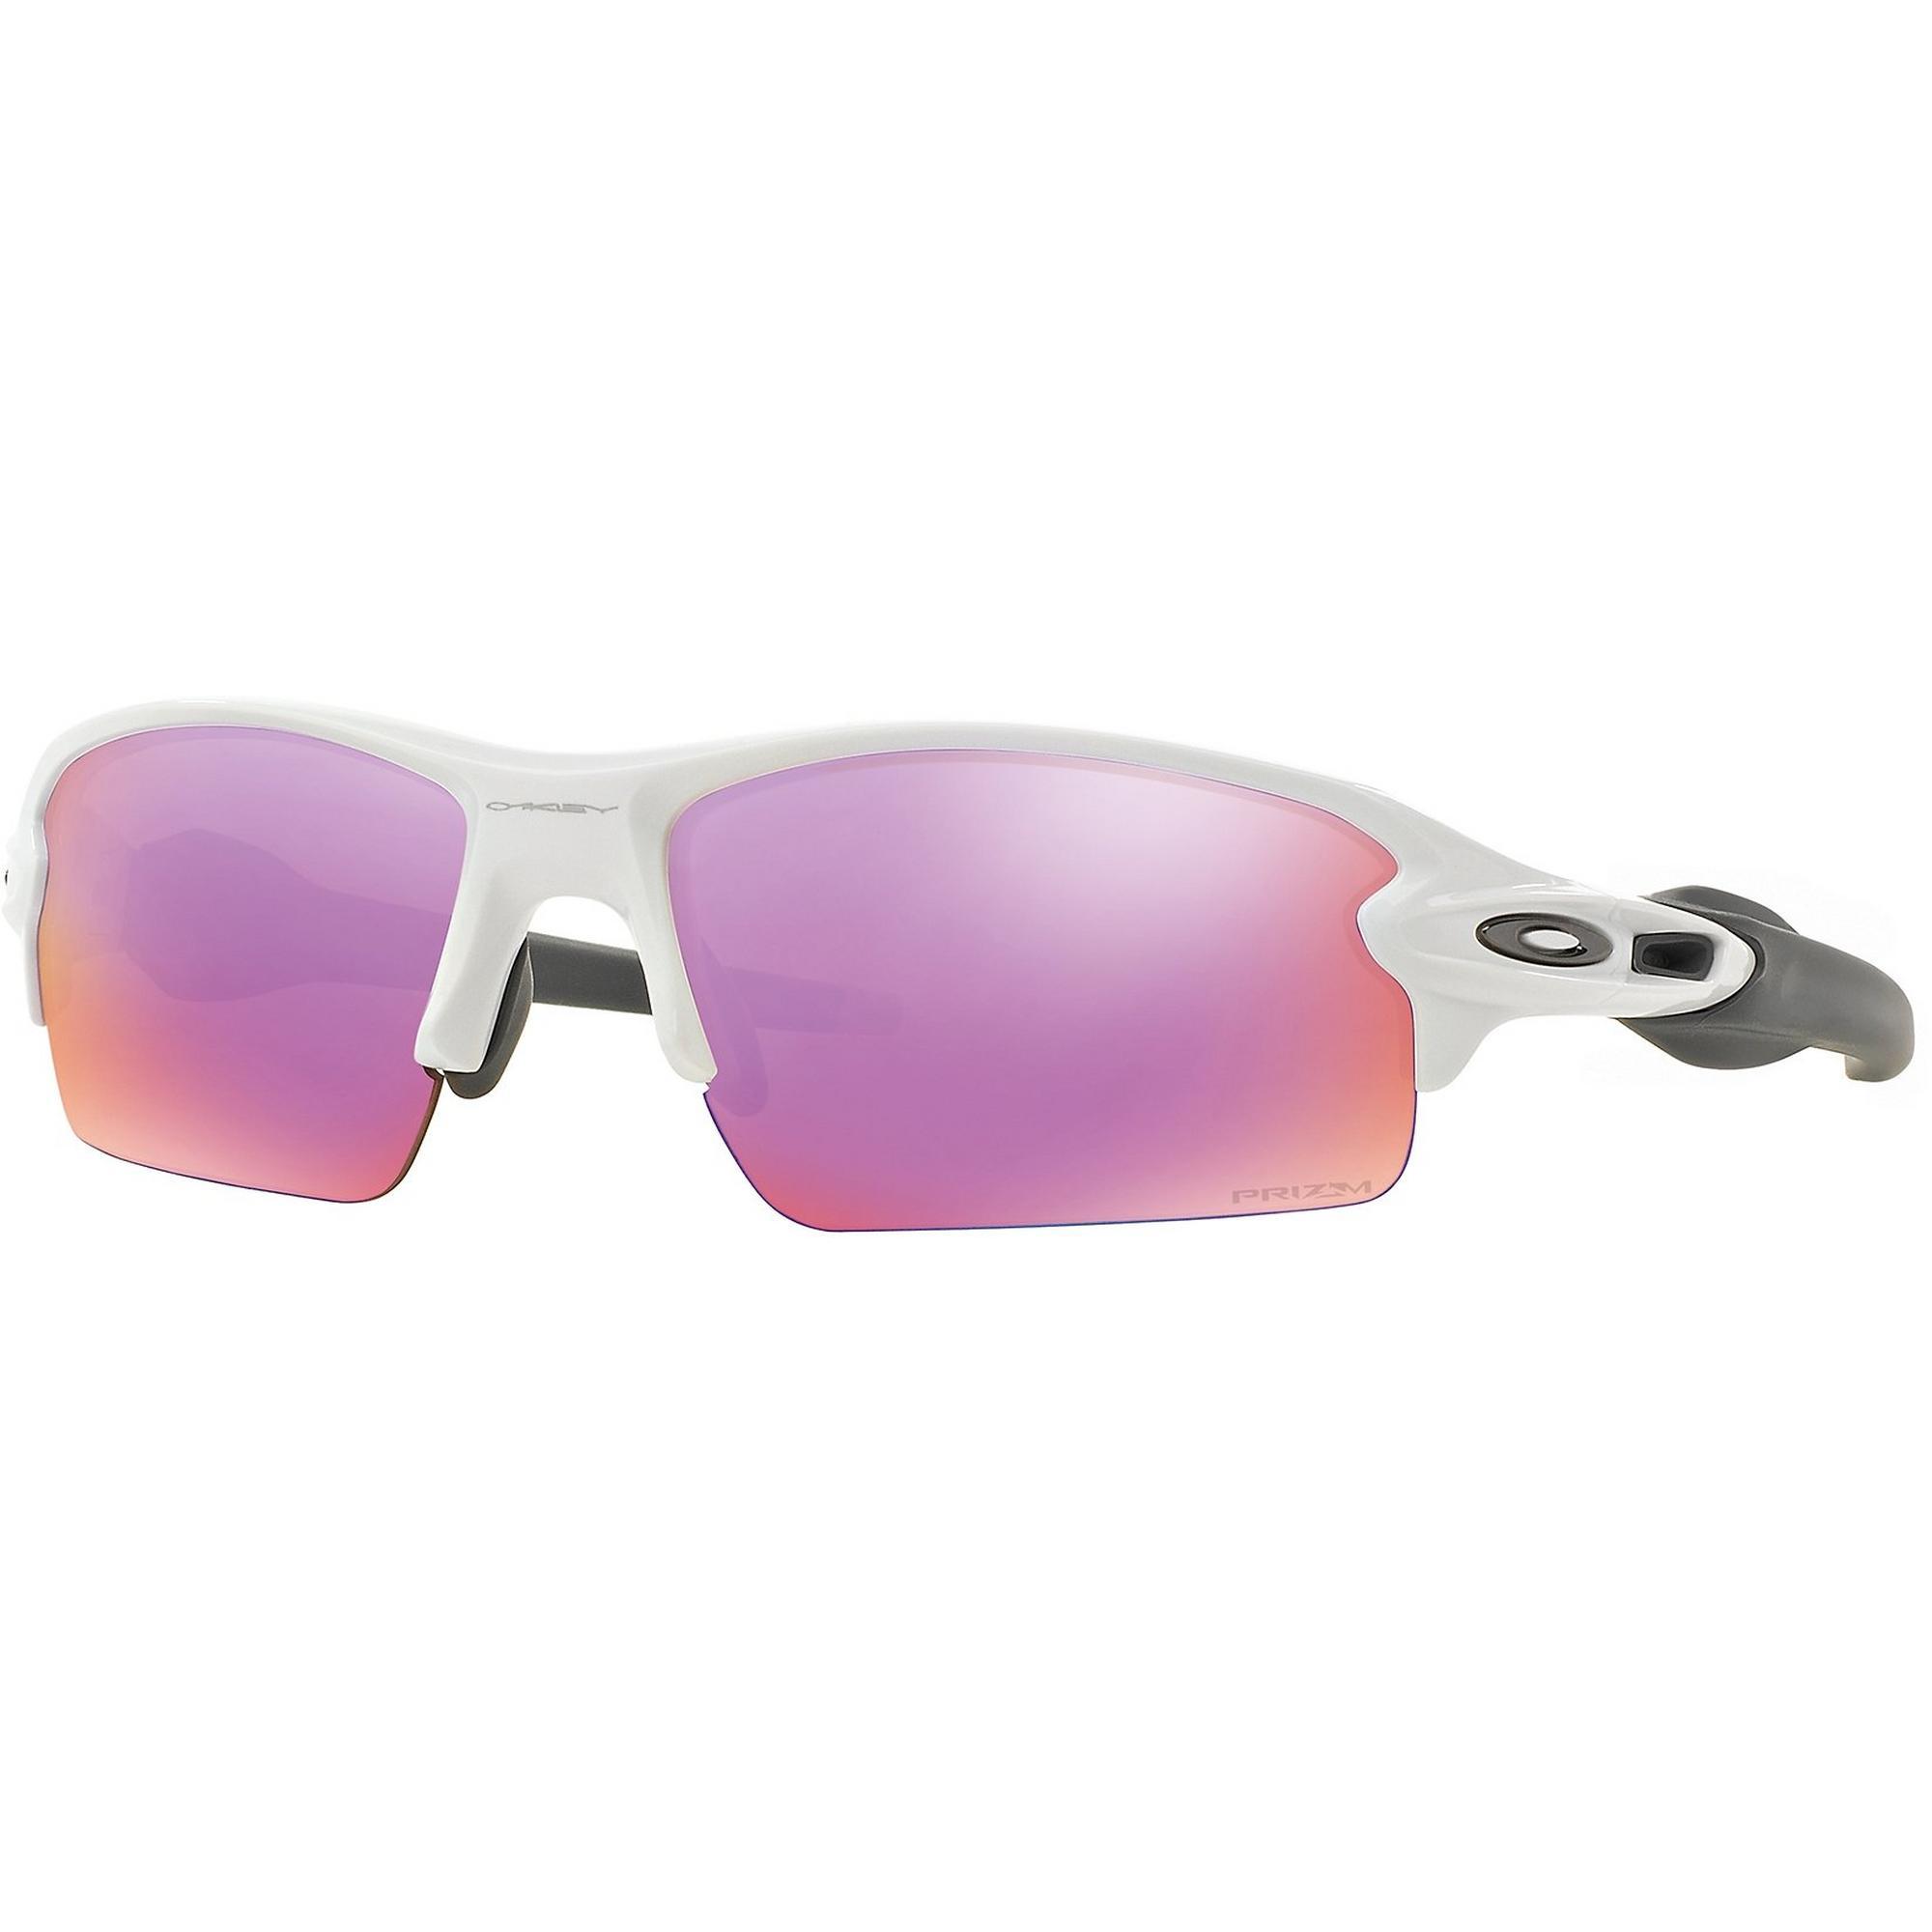 Men's Flak 2.0 Prizm Golf Sunglasses